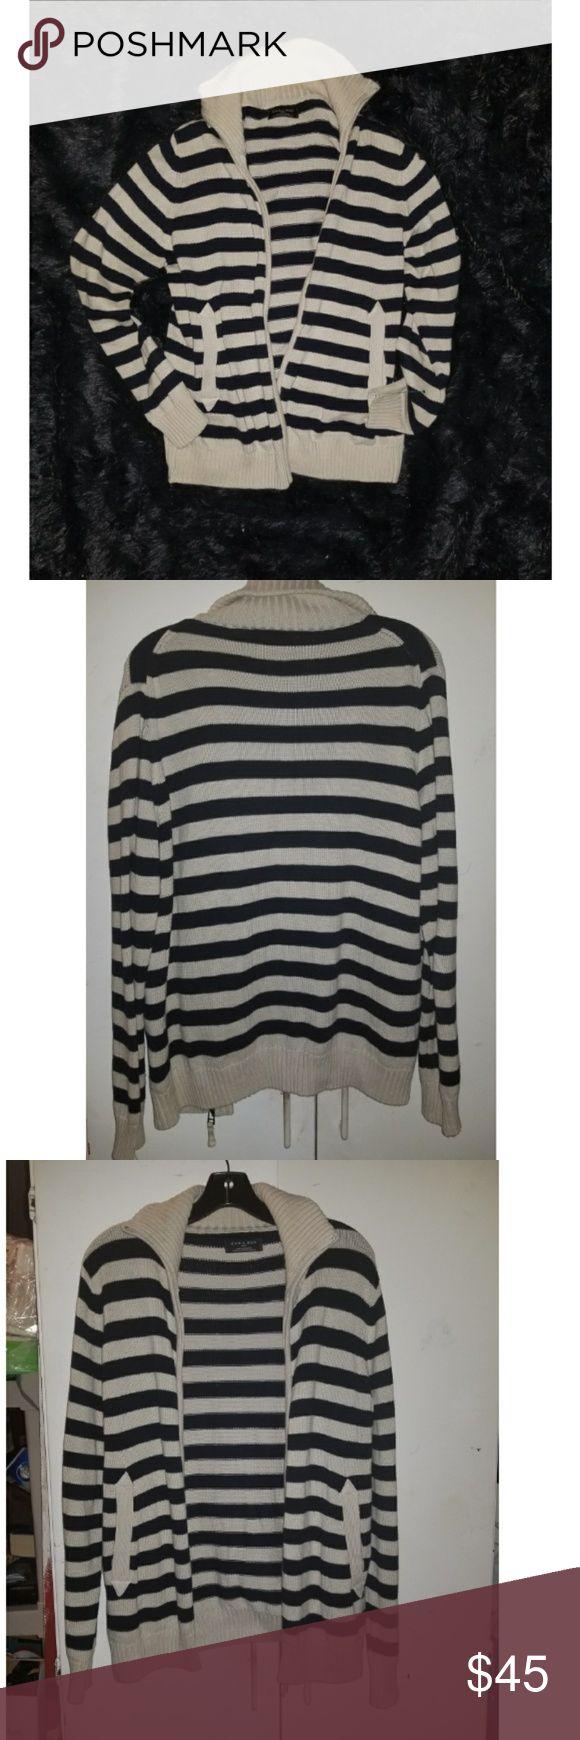 🎉NWOT Men's Zara Navy & Cream Zip Up Sweater🎉 Men's zara zip up sweater Navy and cream  Mint condition  Perfect for any season Has 2 pockets  Zips up Zara Sweaters Zip Up